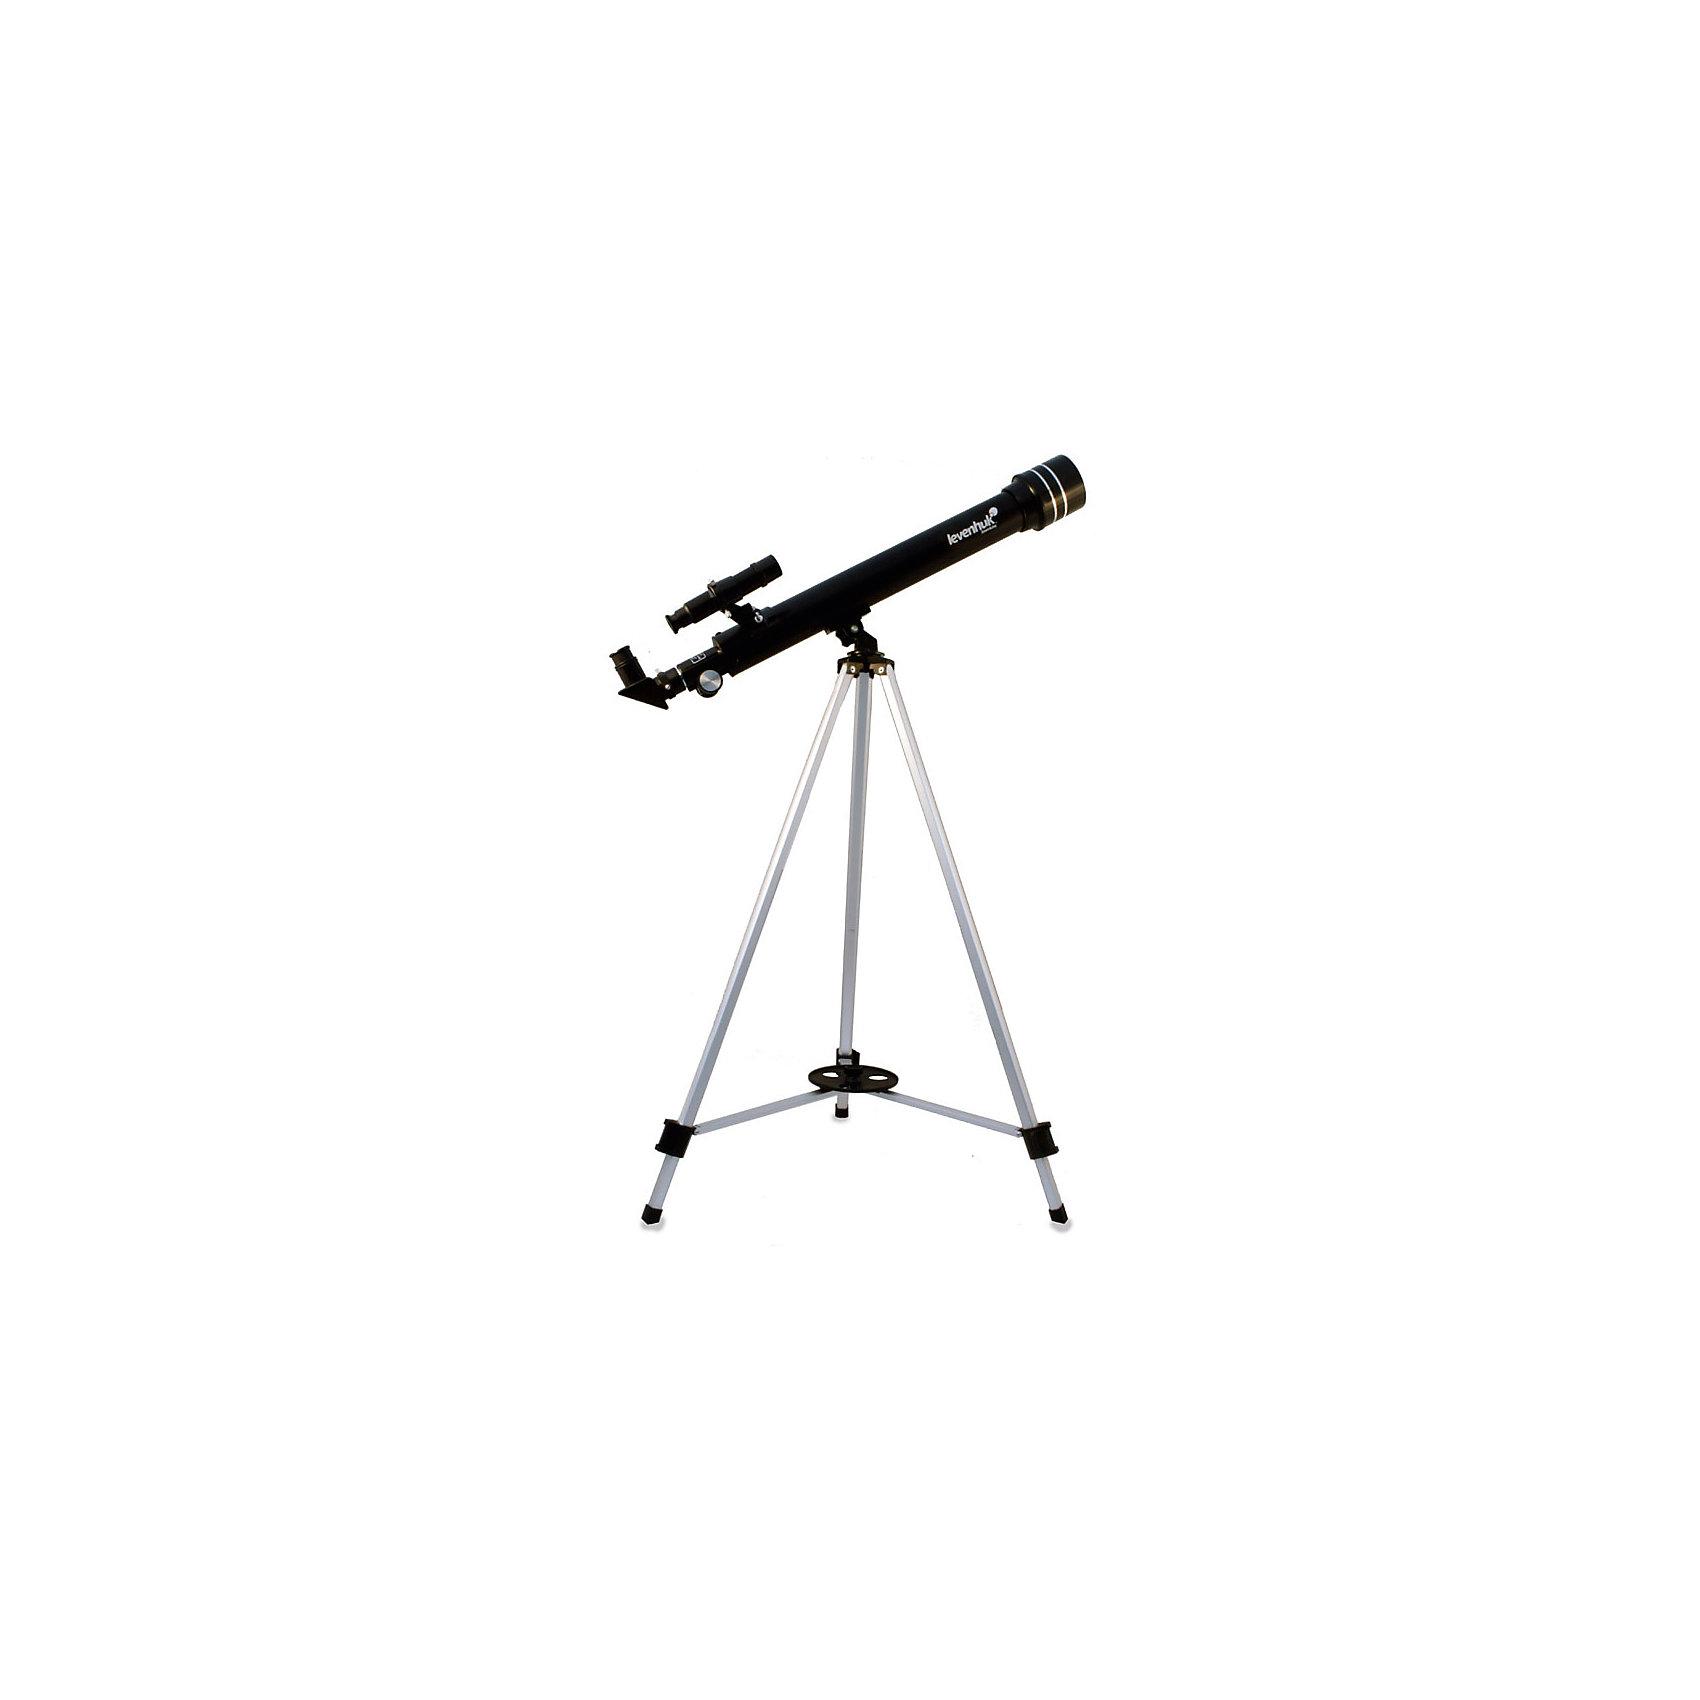 Телескоп Levenhuk Skyline 50x600 AZТелескопы<br>Характеристики товара:<br><br>• материал: металл, пластик<br>• тип телескопа: рефлектор<br>• максимальное полезное увеличение: 100 крат<br>• светосила (относительное отверстие): f/12<br>• проницающая способность: (звездная величина, приблизительно) 11,1<br>• окуляры в комплекте: 20 мм, 12,5 мм, 4 мм, оборачивающий окуляр 1,5x<br>• посадочный диаметр окуляров: 0,96<br>• линза Барлоу в комплекте 3x<br>• искатель оптический: 65х24<br>• высота треноги регулируемая: 690–1190 мм<br>• тип управления телескопом: ручной<br>• тип монтировки: азимутальная<br>• вес: 1,6 кг<br>• страна бренда: США<br>• страна производства: КНР<br><br>Телескоп - это отличный способ заинтересовать ребенка наблюдениями за небесными телами и привить ему интерес к учебе. Эта модель была разработана специально для детей - он позволяет увеличивать предметы из космоса и изучать их. Благодаря легкому и прочному корпусу телескоп удобно брать с собой!<br><br>Оптические приборы от американской компании Levenhuk уже успели зарекомендовать себя как качественная и надежная продукция. Для их производства используются только безопасные и проверенные материалы. Такой прибор способен прослужить долго. Подарите ребенку интересную и полезную вещь!<br><br>Телескоп Levenhuk Skyline 50x600 AZ от известного бренда Levenhuk (Левенгук) можно купить в нашем интернет-магазине.<br><br>Ширина мм: 823<br>Глубина мм: 175<br>Высота мм: 96<br>Вес г: 1600<br>Возраст от месяцев: 60<br>Возраст до месяцев: 2147483647<br>Пол: Унисекс<br>Возраст: Детский<br>SKU: 5435300